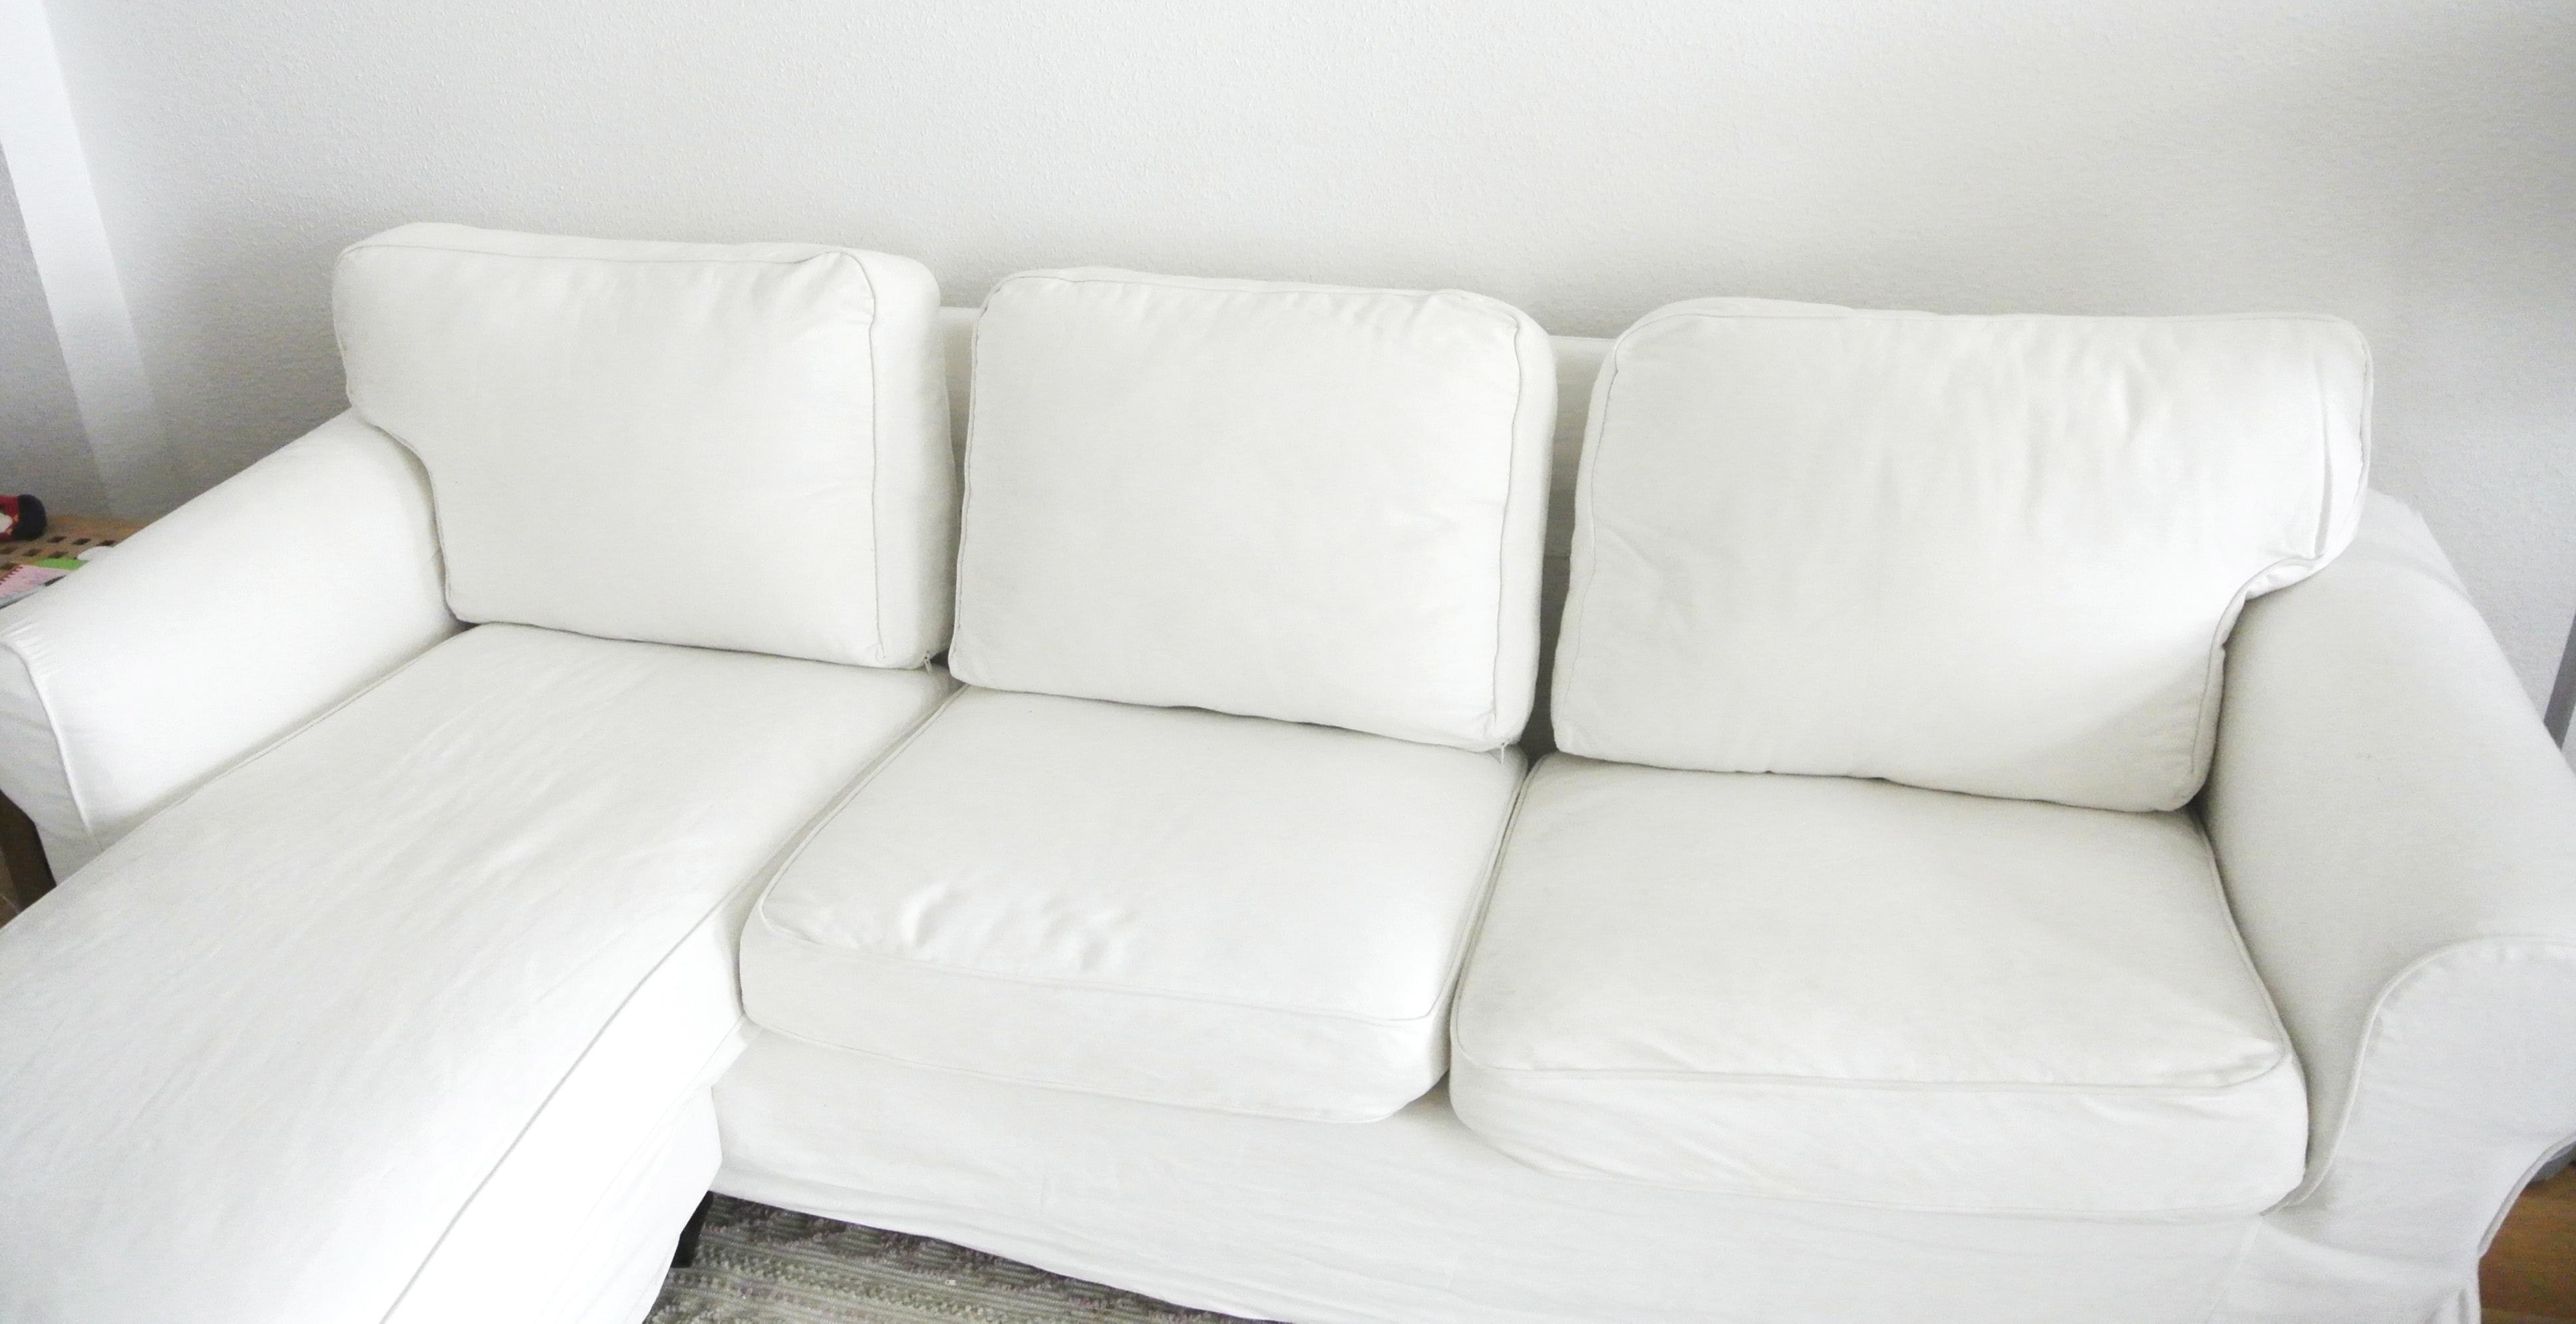 weie sthle mit polster midcentury wohnbereich by the inner house with weie sthle mit polster. Black Bedroom Furniture Sets. Home Design Ideas